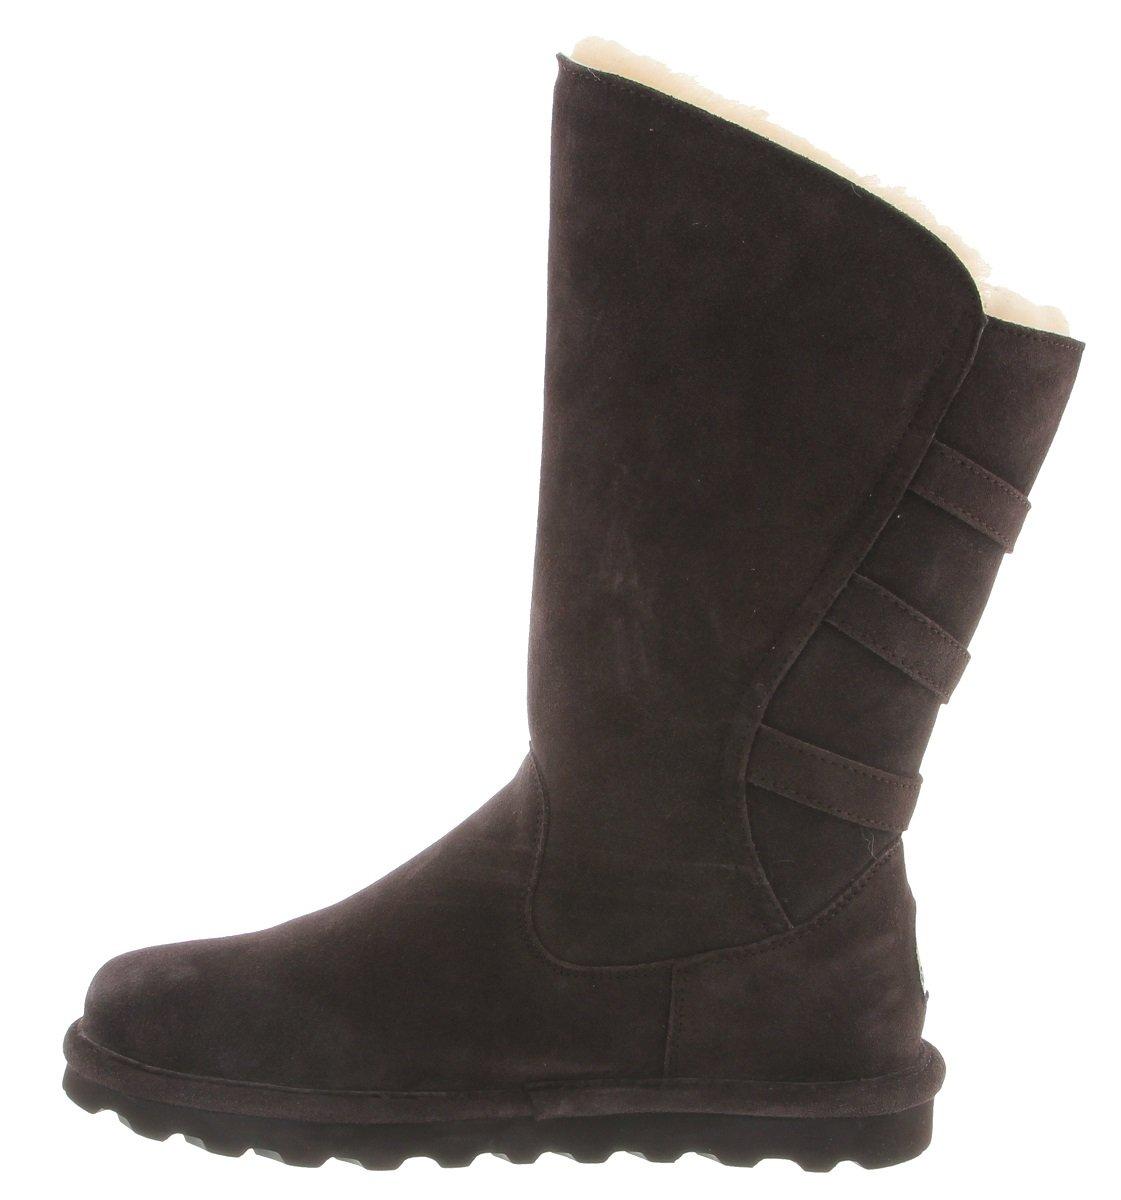 BEARPAW Women's Jenna B(M) Boots B06XYHD5D6 10 B(M) Jenna US Chocolate Ii 339849